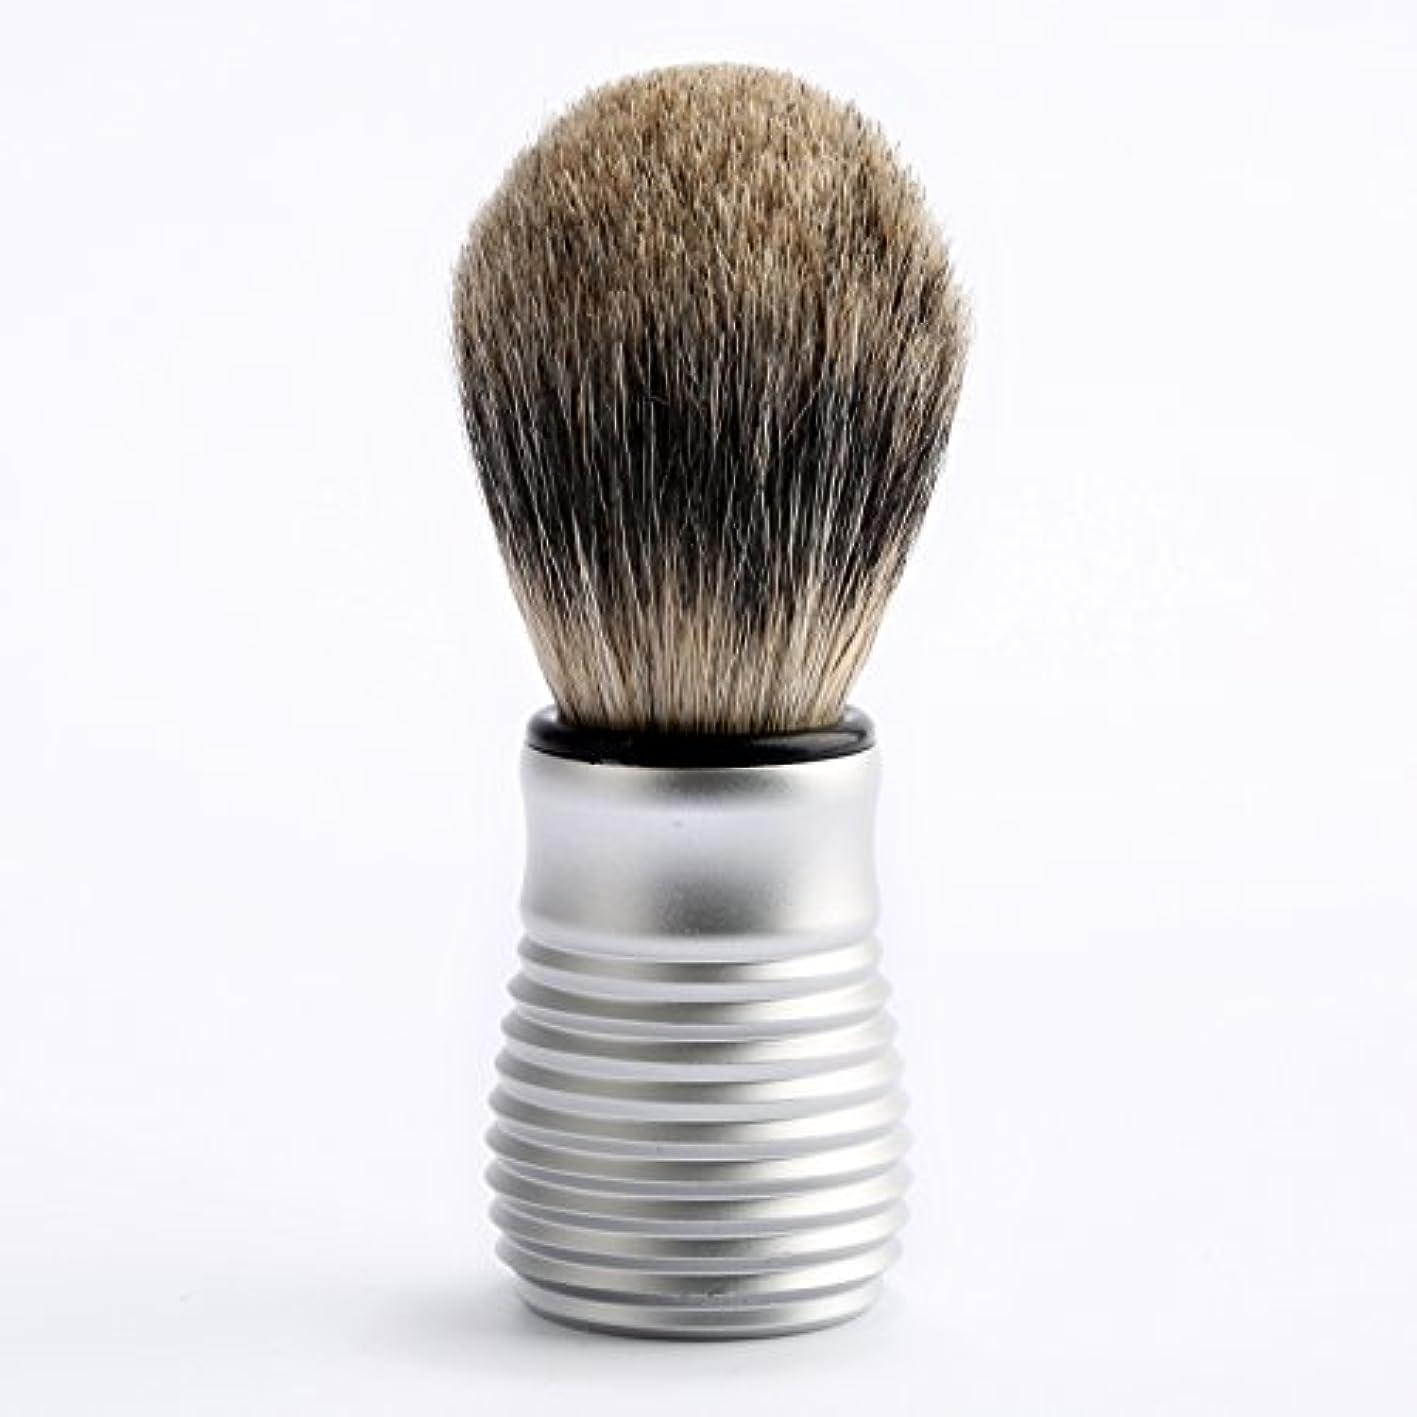 アンタゴニスト起業家毎日ひげブラシ メンズ用 髭剃り ブラシ アナグマ毛シェービングブラシ ギフト 理容 洗顔 髭剃り 泡立ち アルミ製のハンドル シルバー